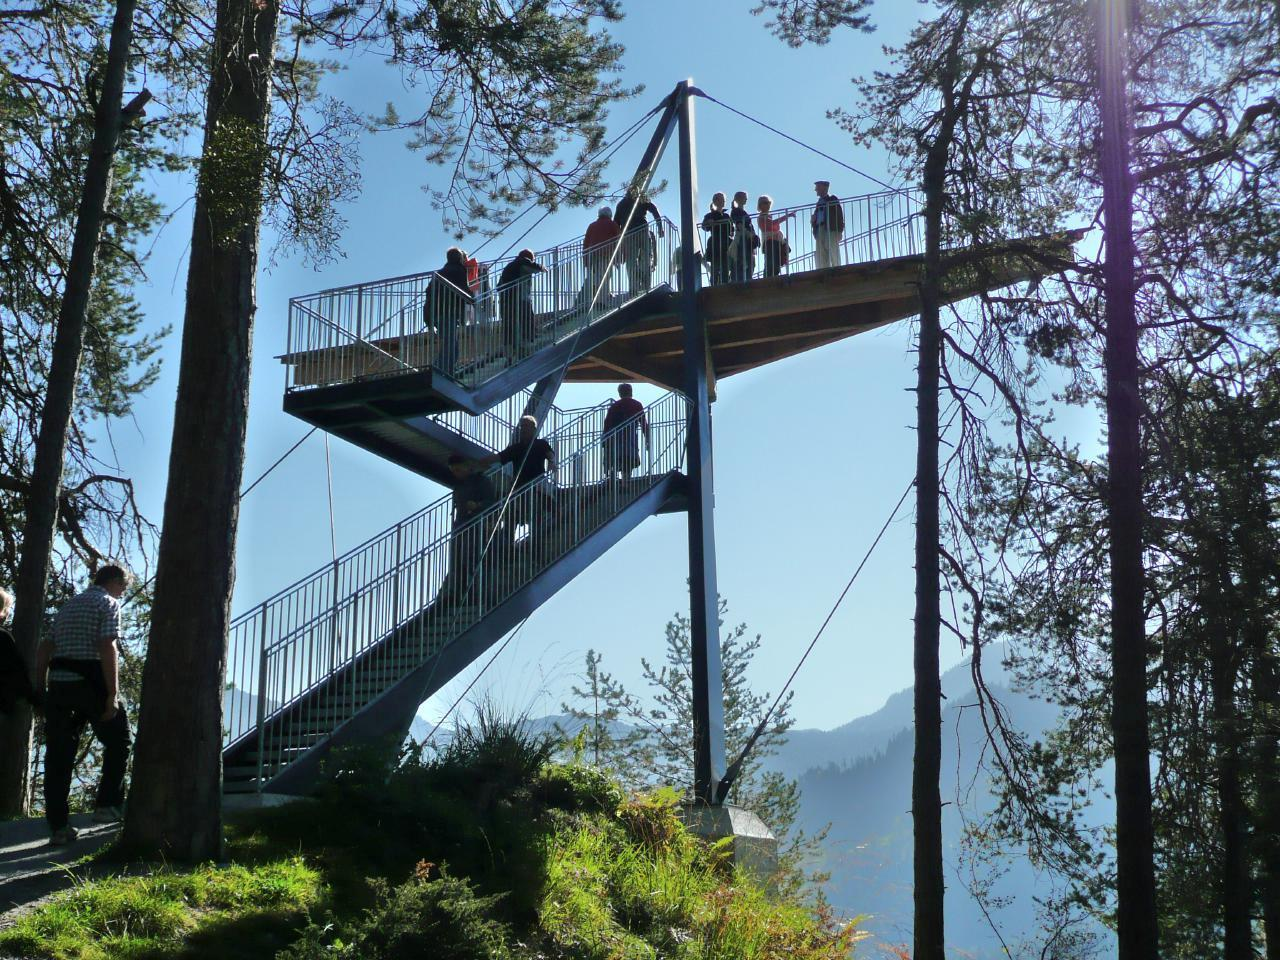 Ferienwohnung Seeblick Fraissen (1146940), Laax, Flims - Laax - Falera, Graubünden, Schweiz, Bild 16